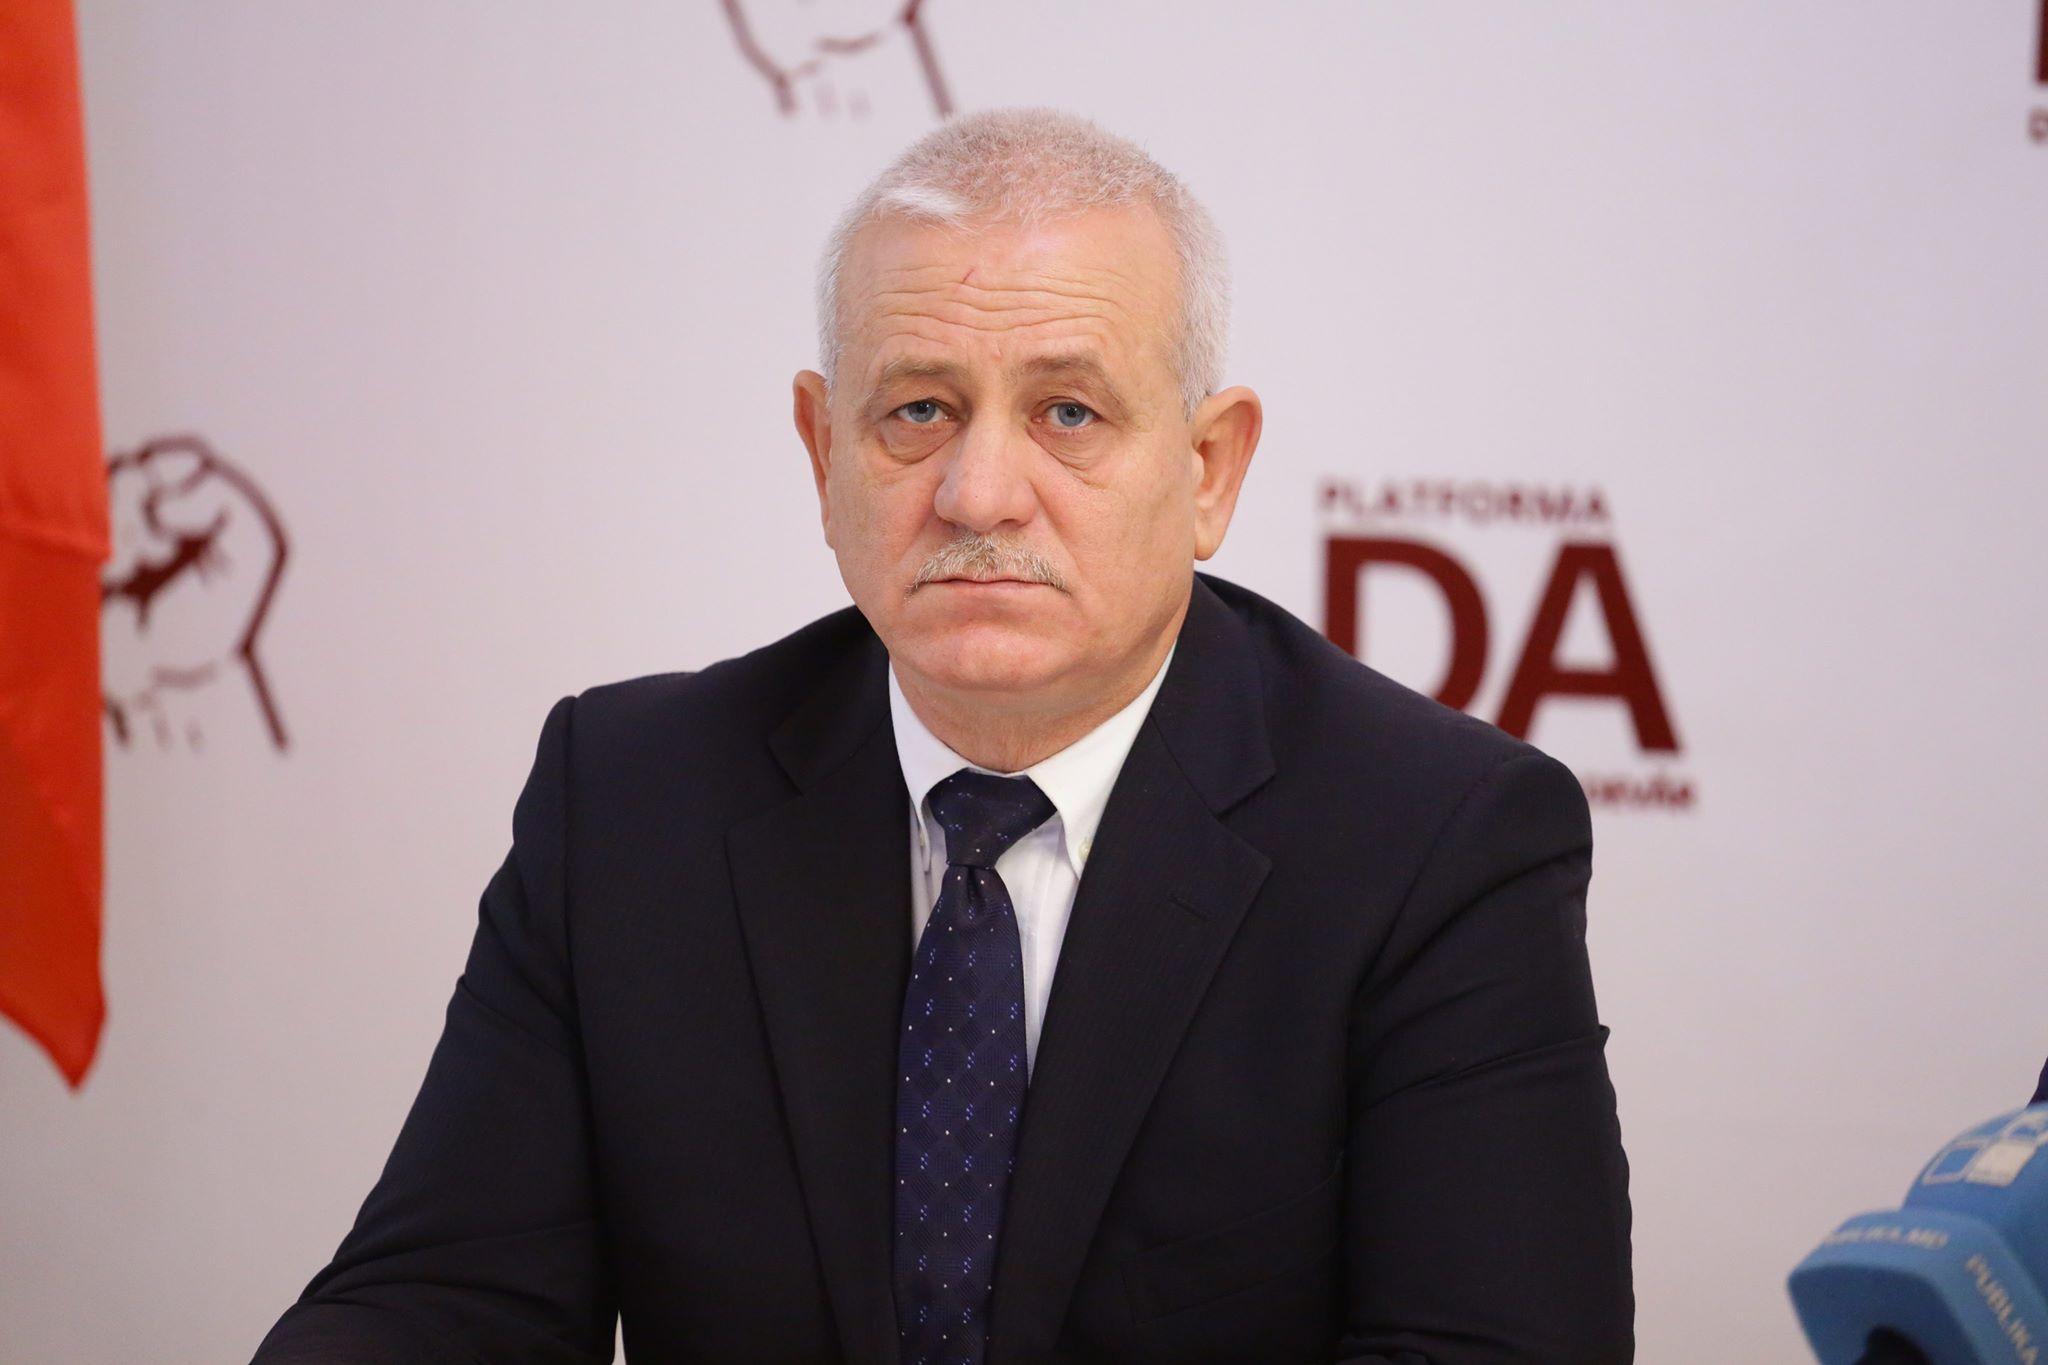 Chiril Moțpan: Nici regimul de la Chișinău, nici reprezentantul Chișinăului în fruntea CUC nu au făcut aproape nimic, neglijând și litera, și spiritul acordurilor semnate